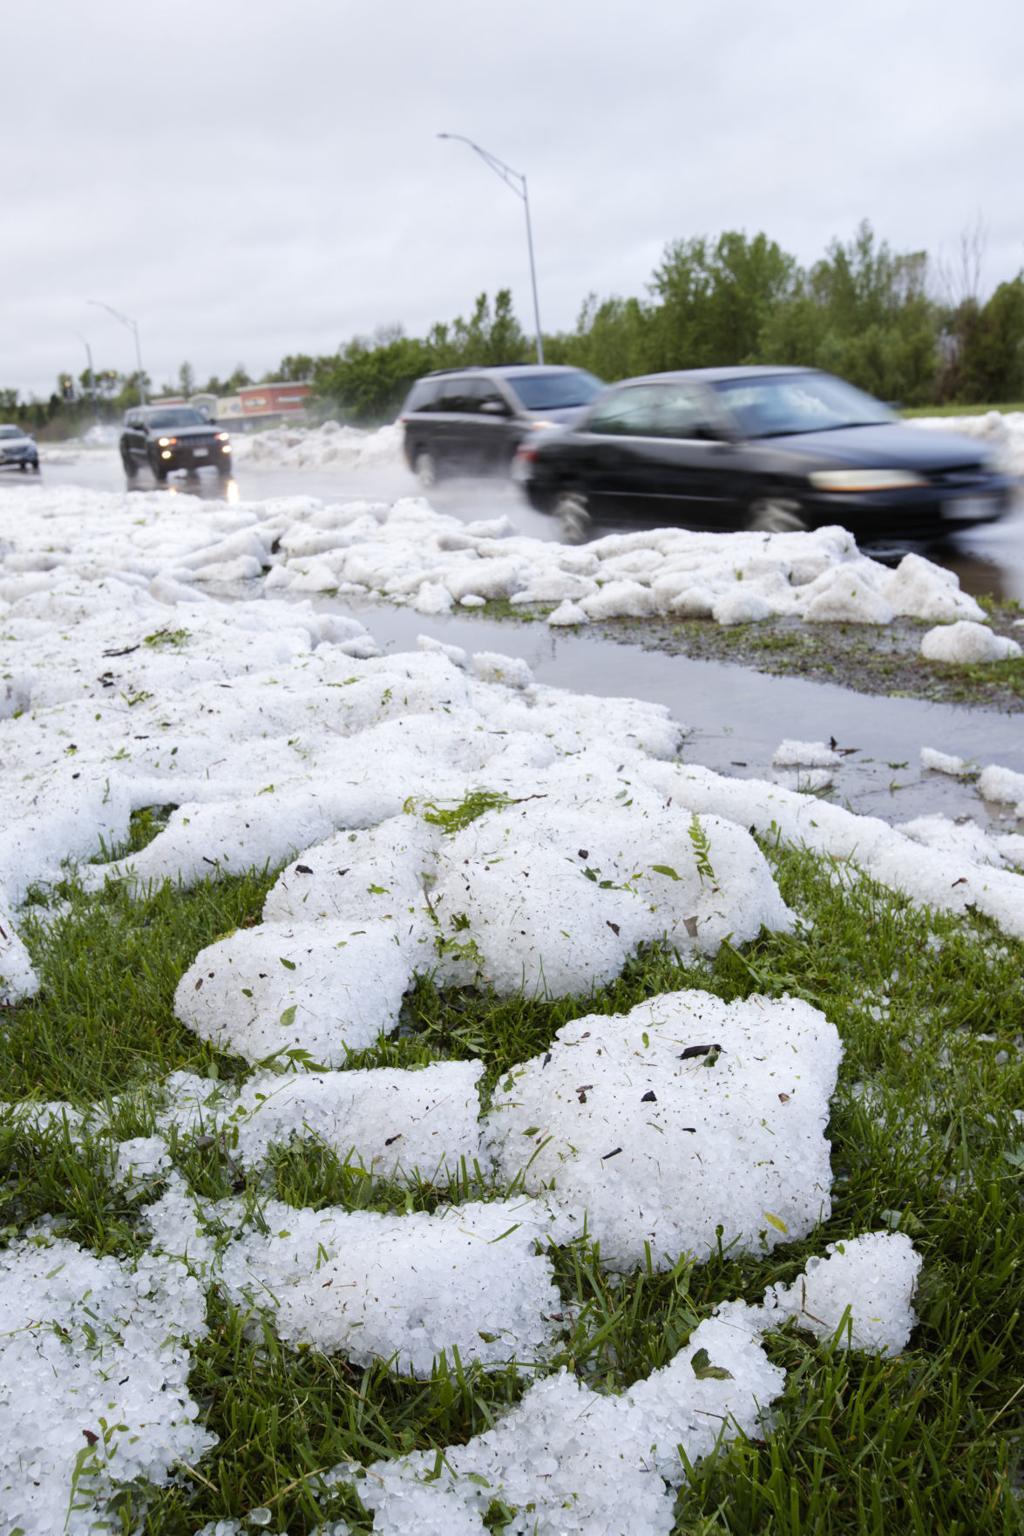 Thunderstorm dumps hail in southwest Omaha